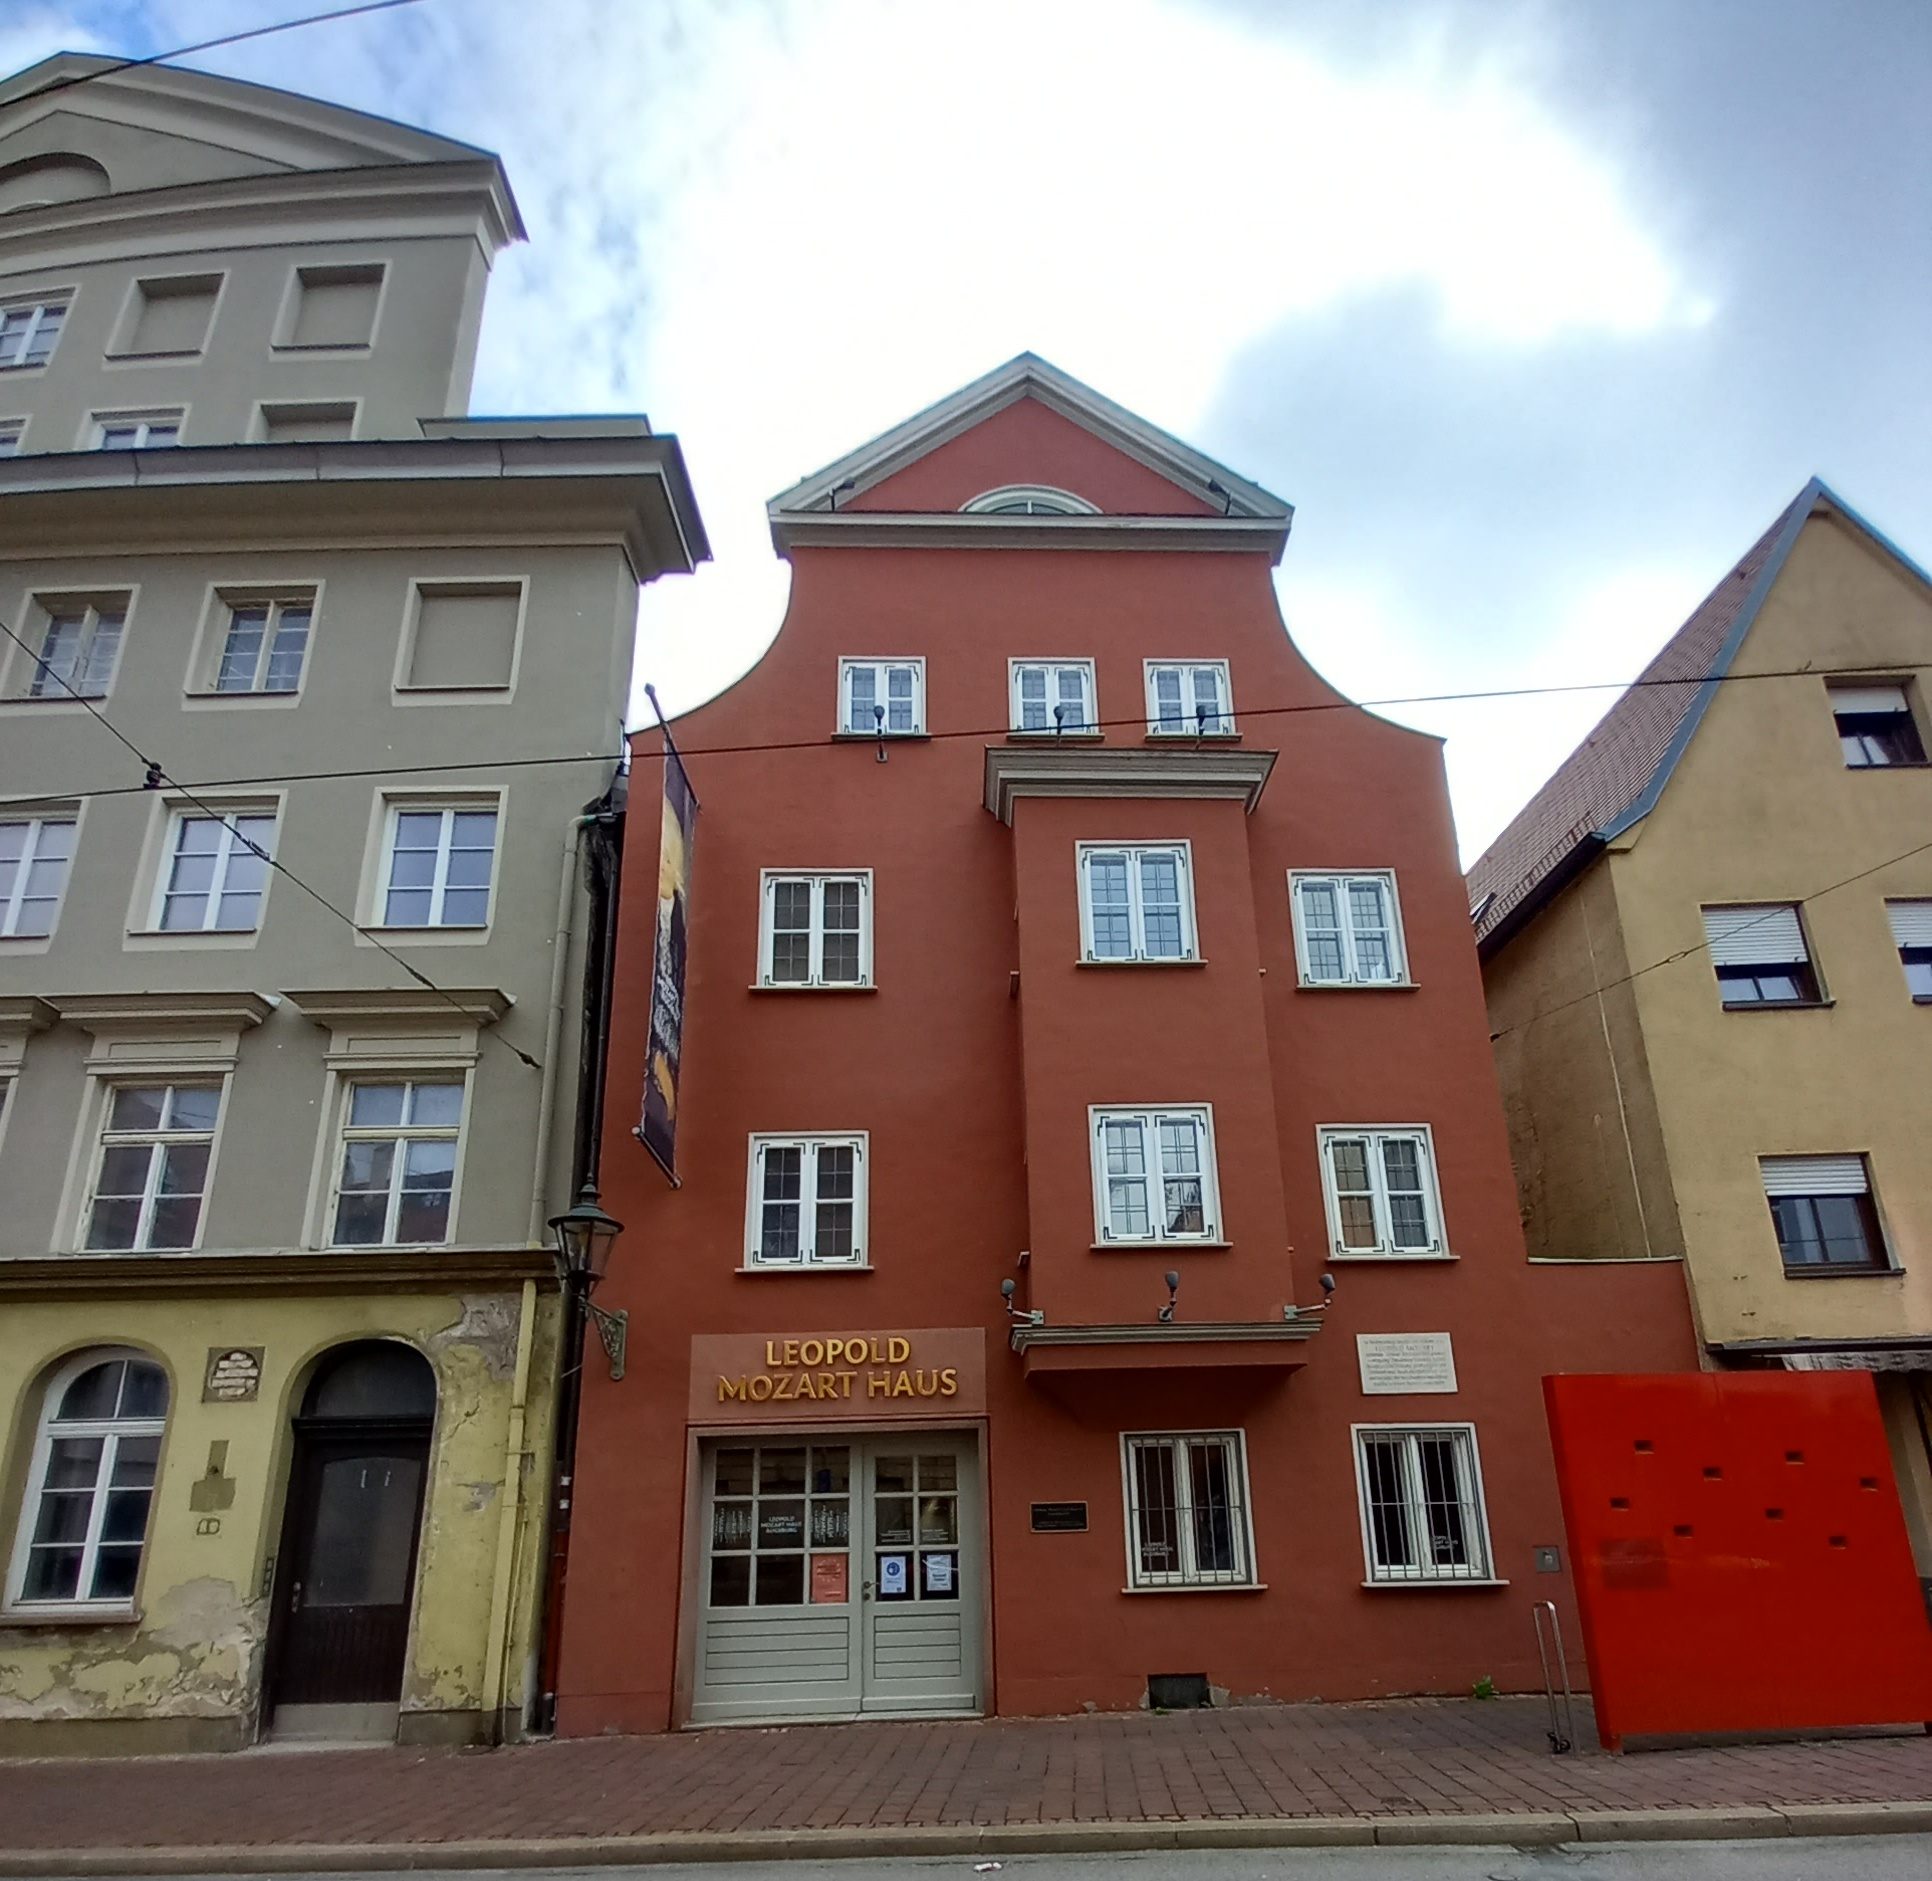 Leopold Mozart szülőháza Augsburgban, ma múzeum